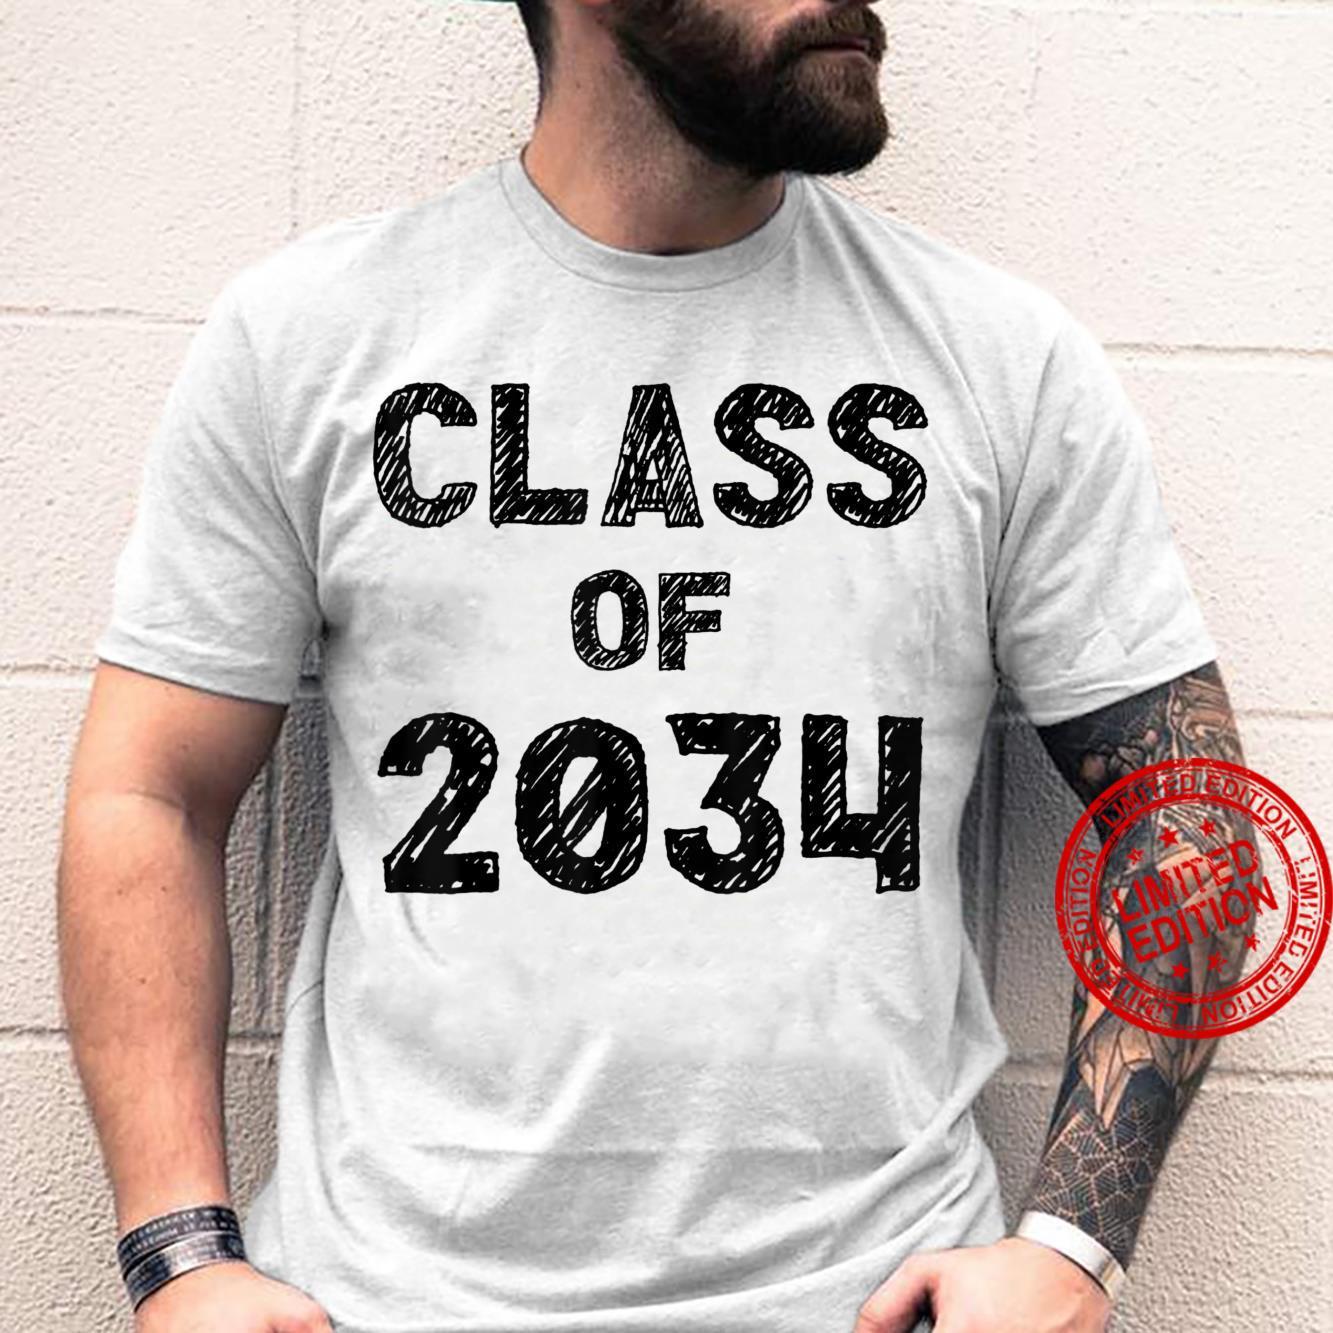 Class of 2034 First Day of Kindergarten Shirt